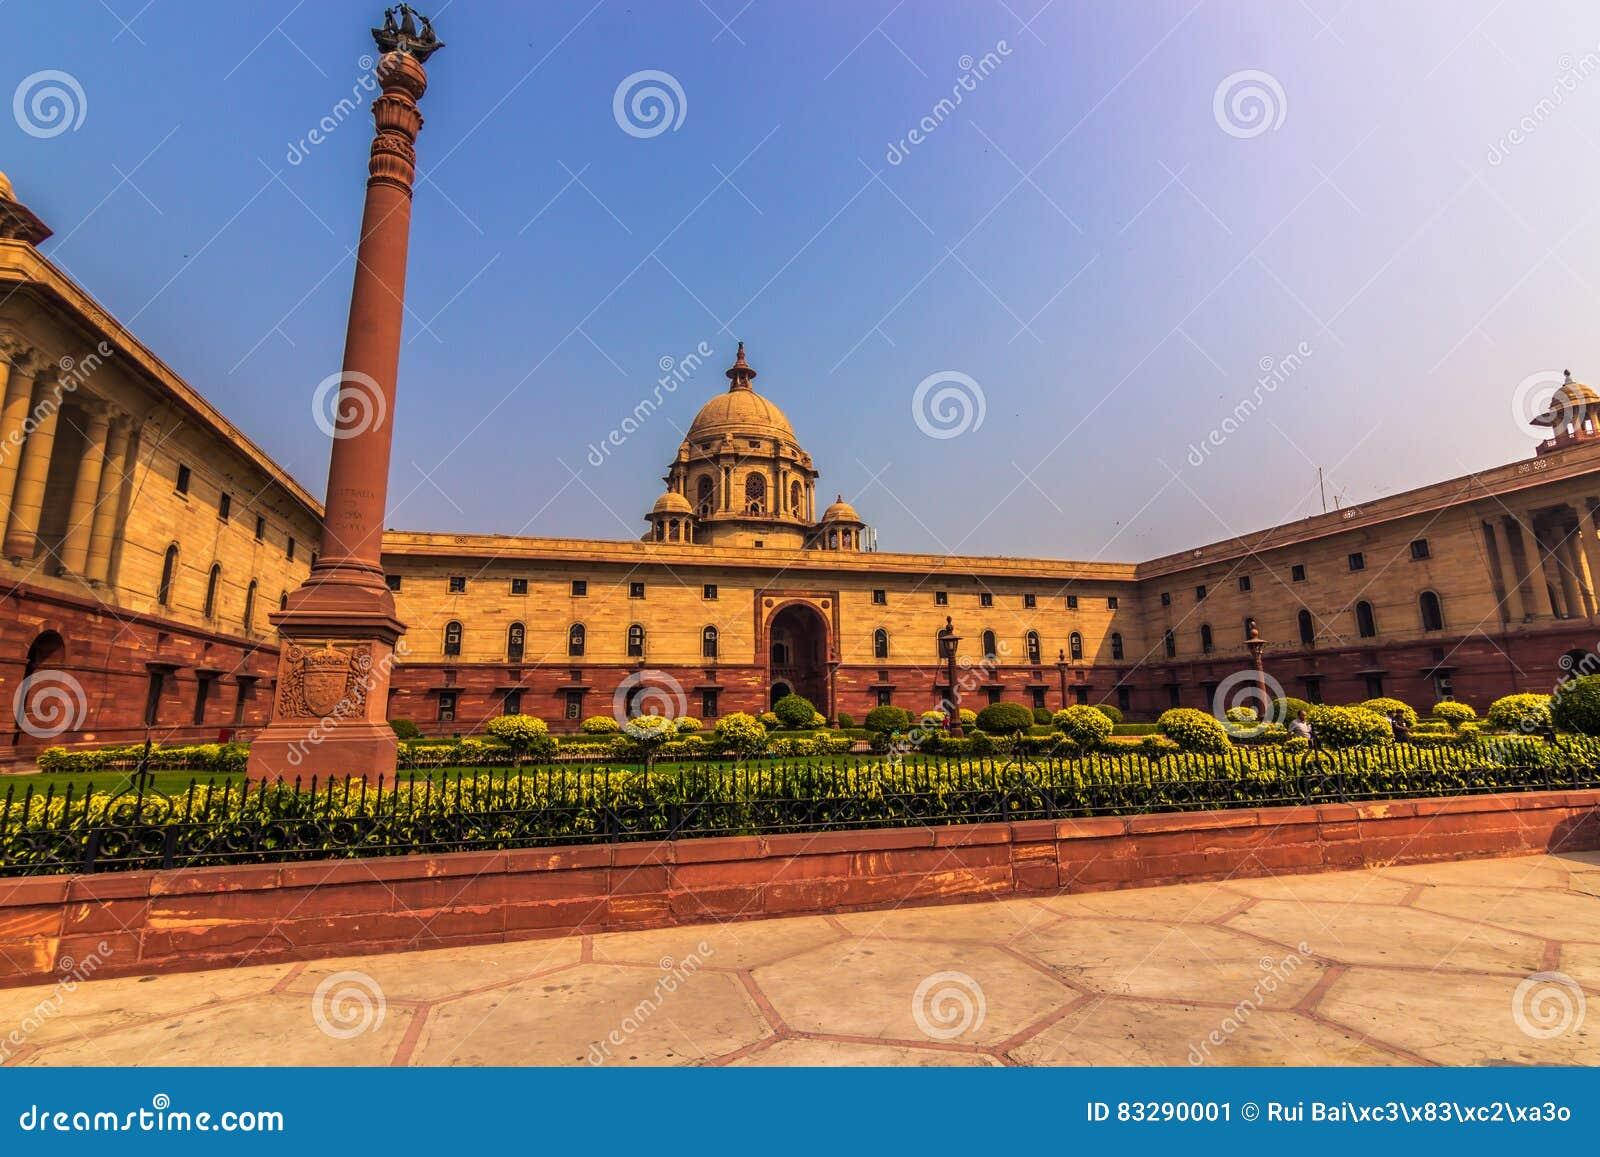 27 ottobre 2014 sede del parlamento dell 39 india a nuova for Sede del parlamento